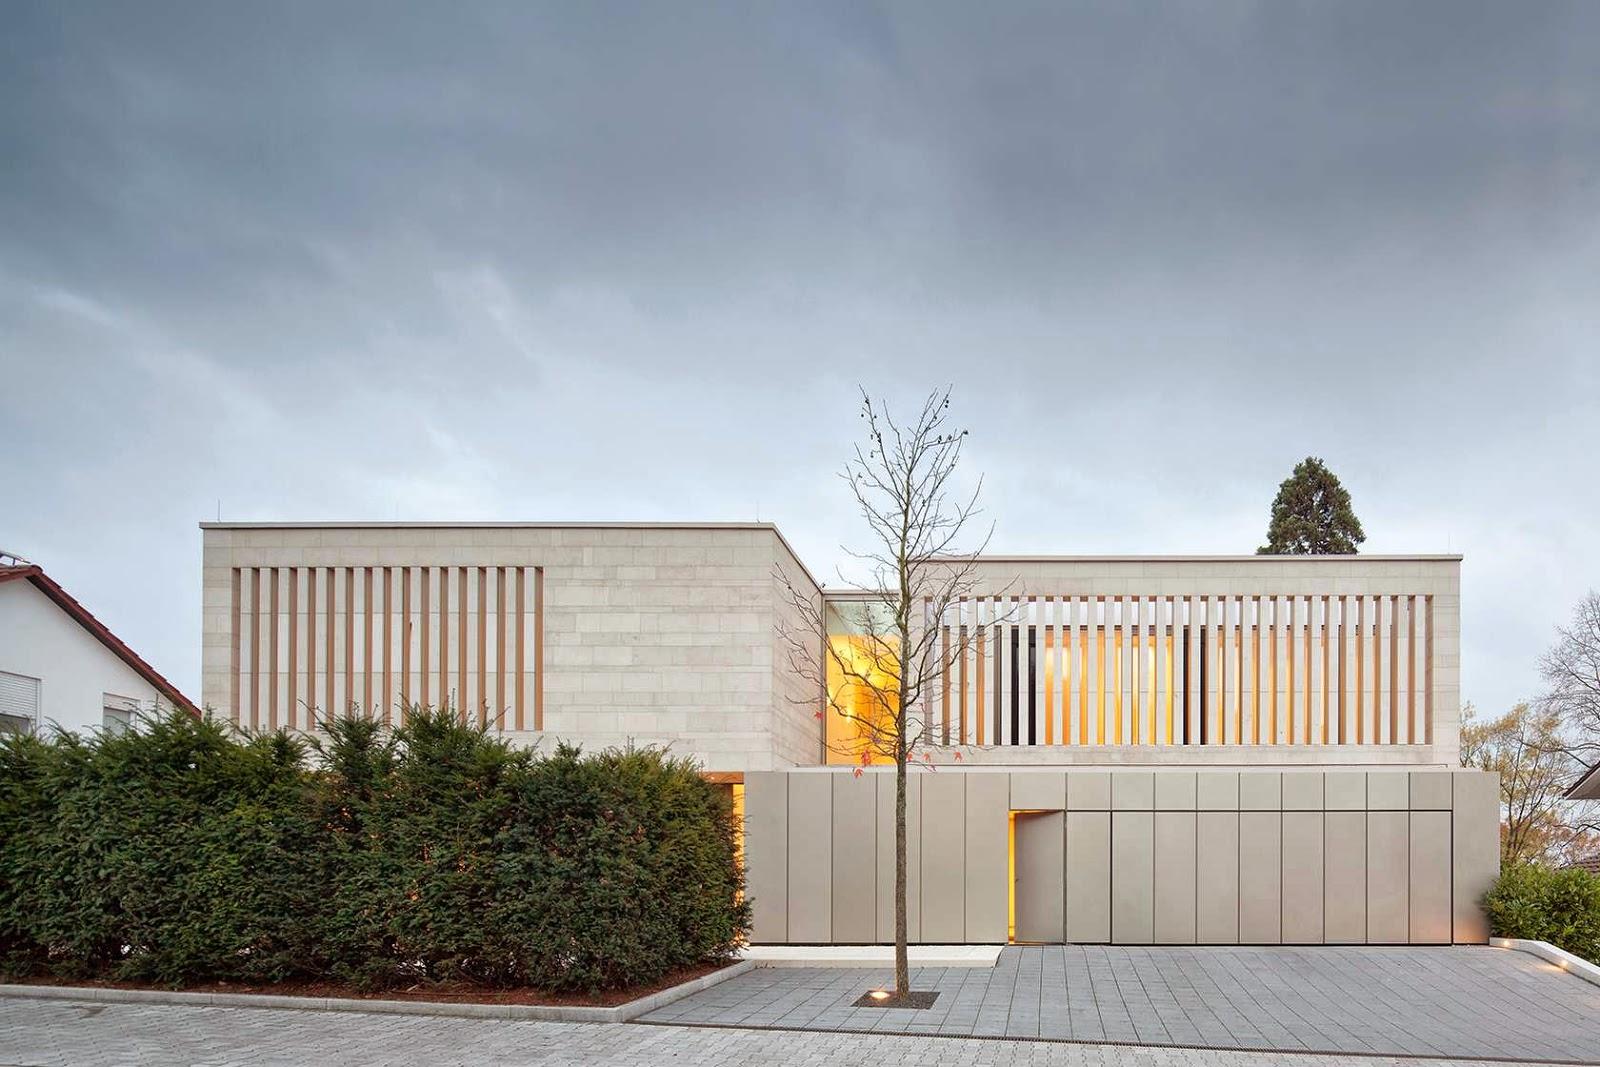 Edificio minimale con facciata in pietra - Maison pg architekten wannenmacher moller ...